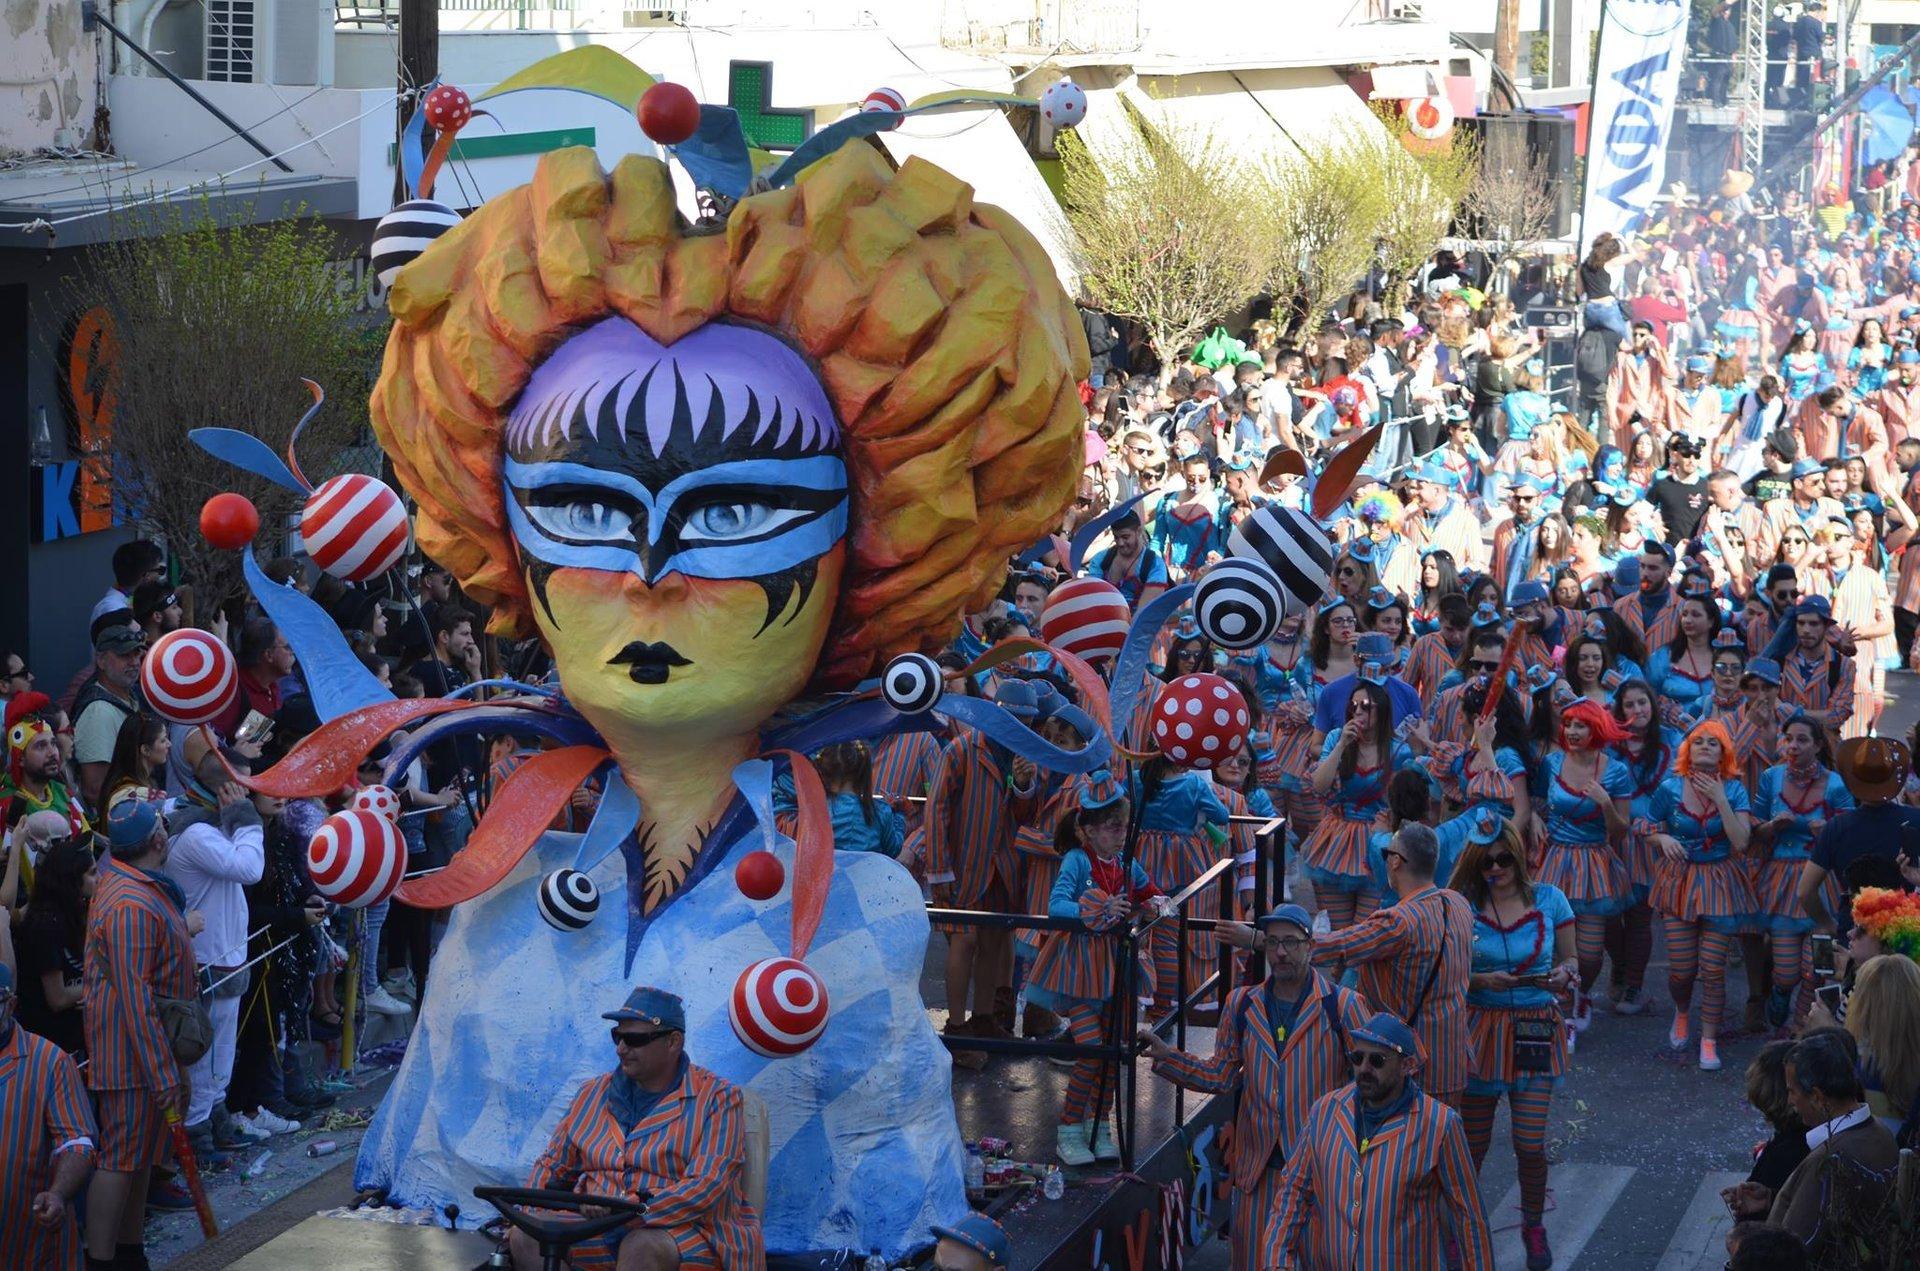 Rethymno Carnival in Crete - Best Season 2020